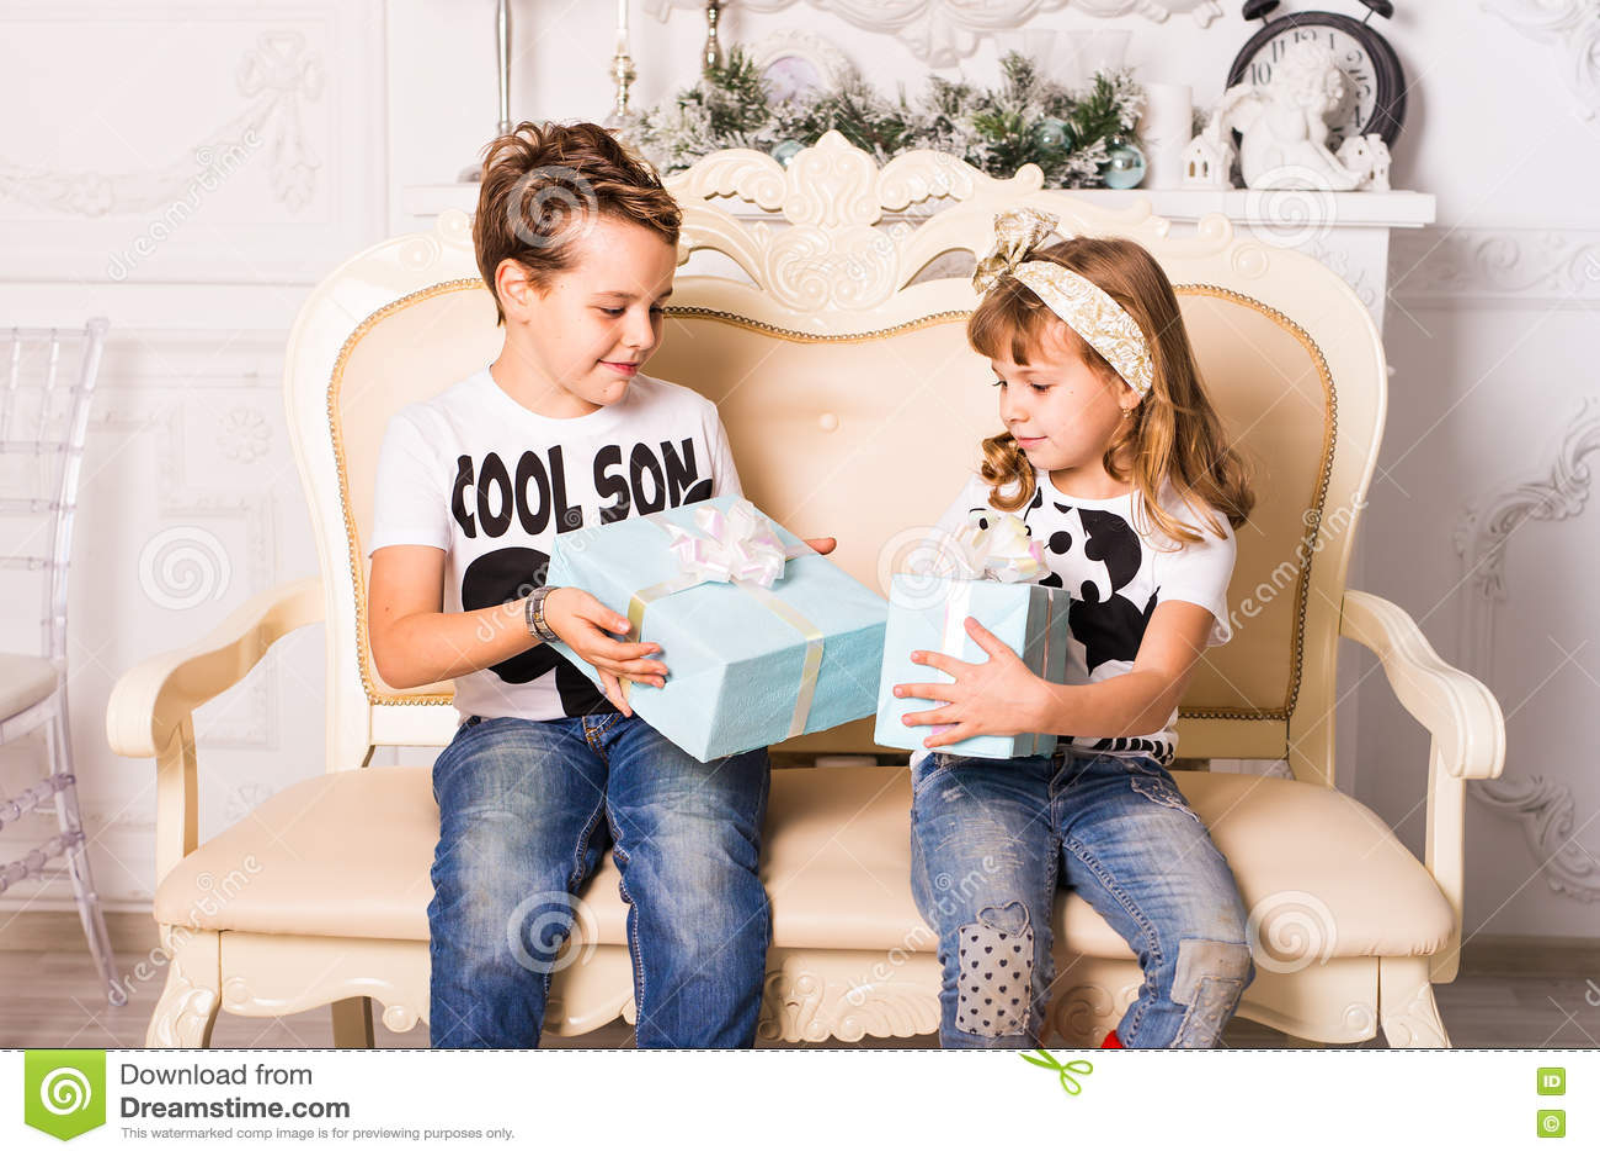 Bruder Wird Seiner Schwester Ein Geschenk Für Weihnachten Oder Neues ...